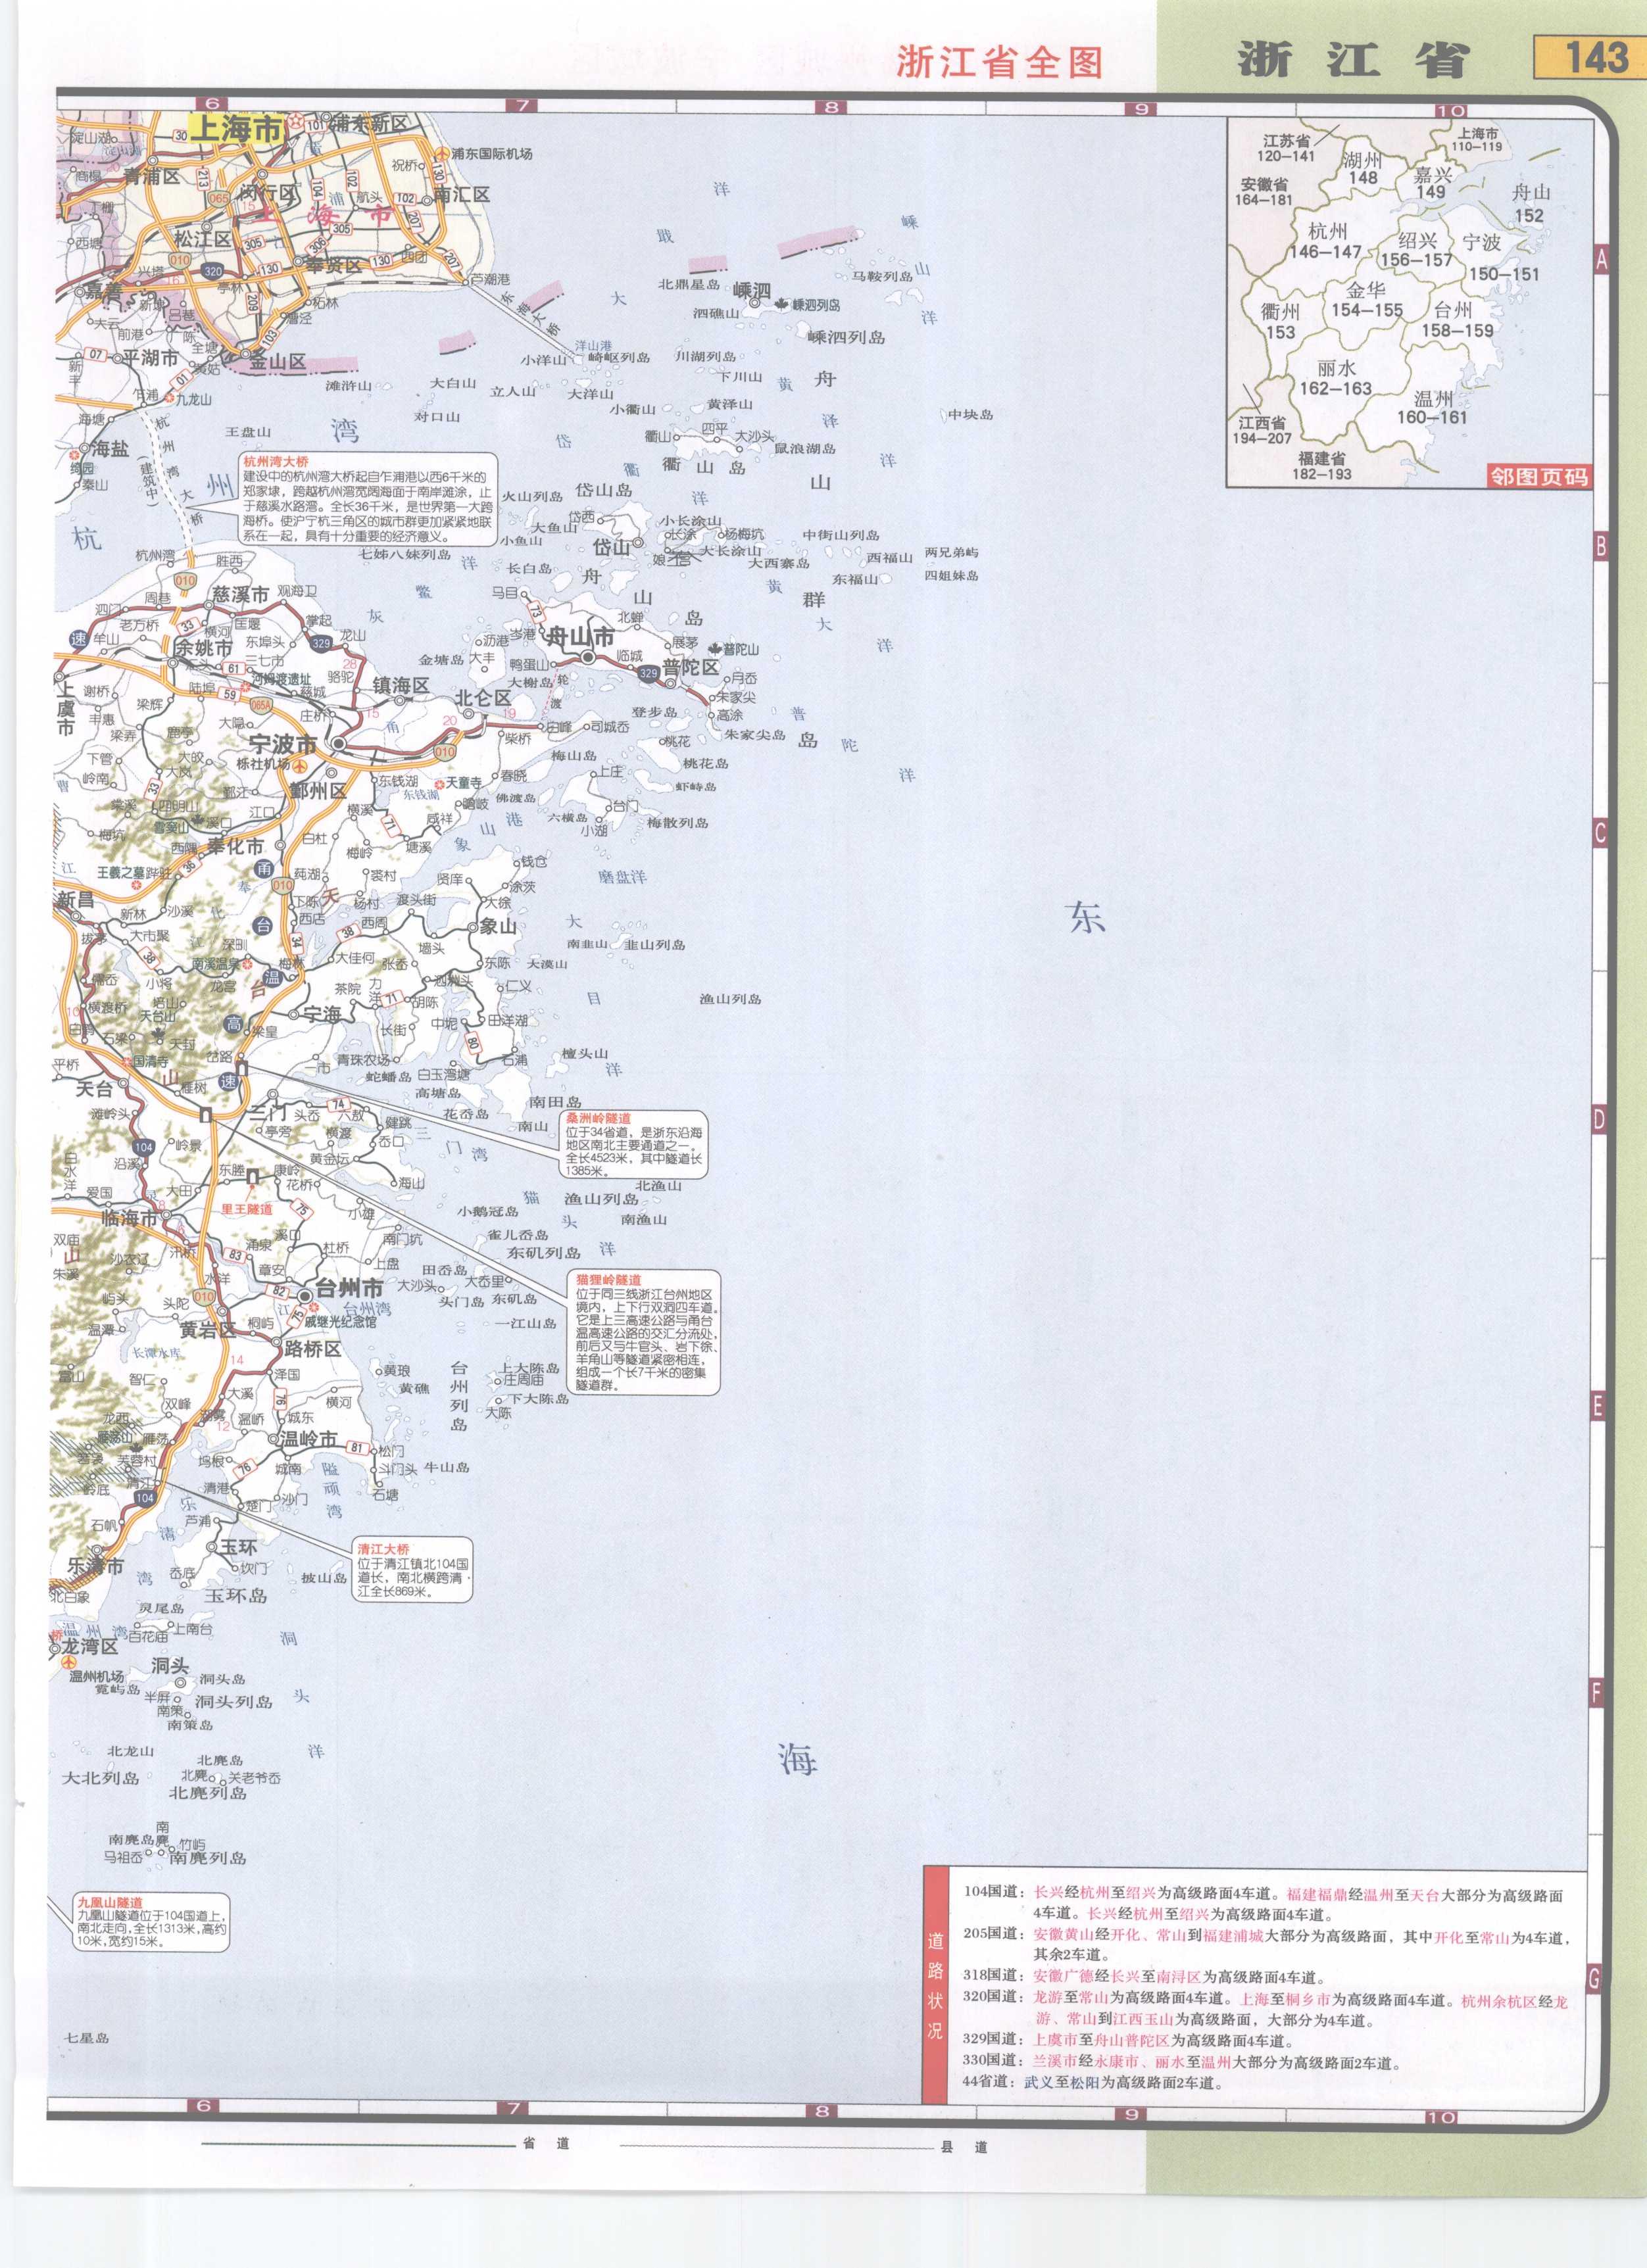 地图窝 交通地图 高速公路网 >> 浙江省高速公路网地图  上一张地图